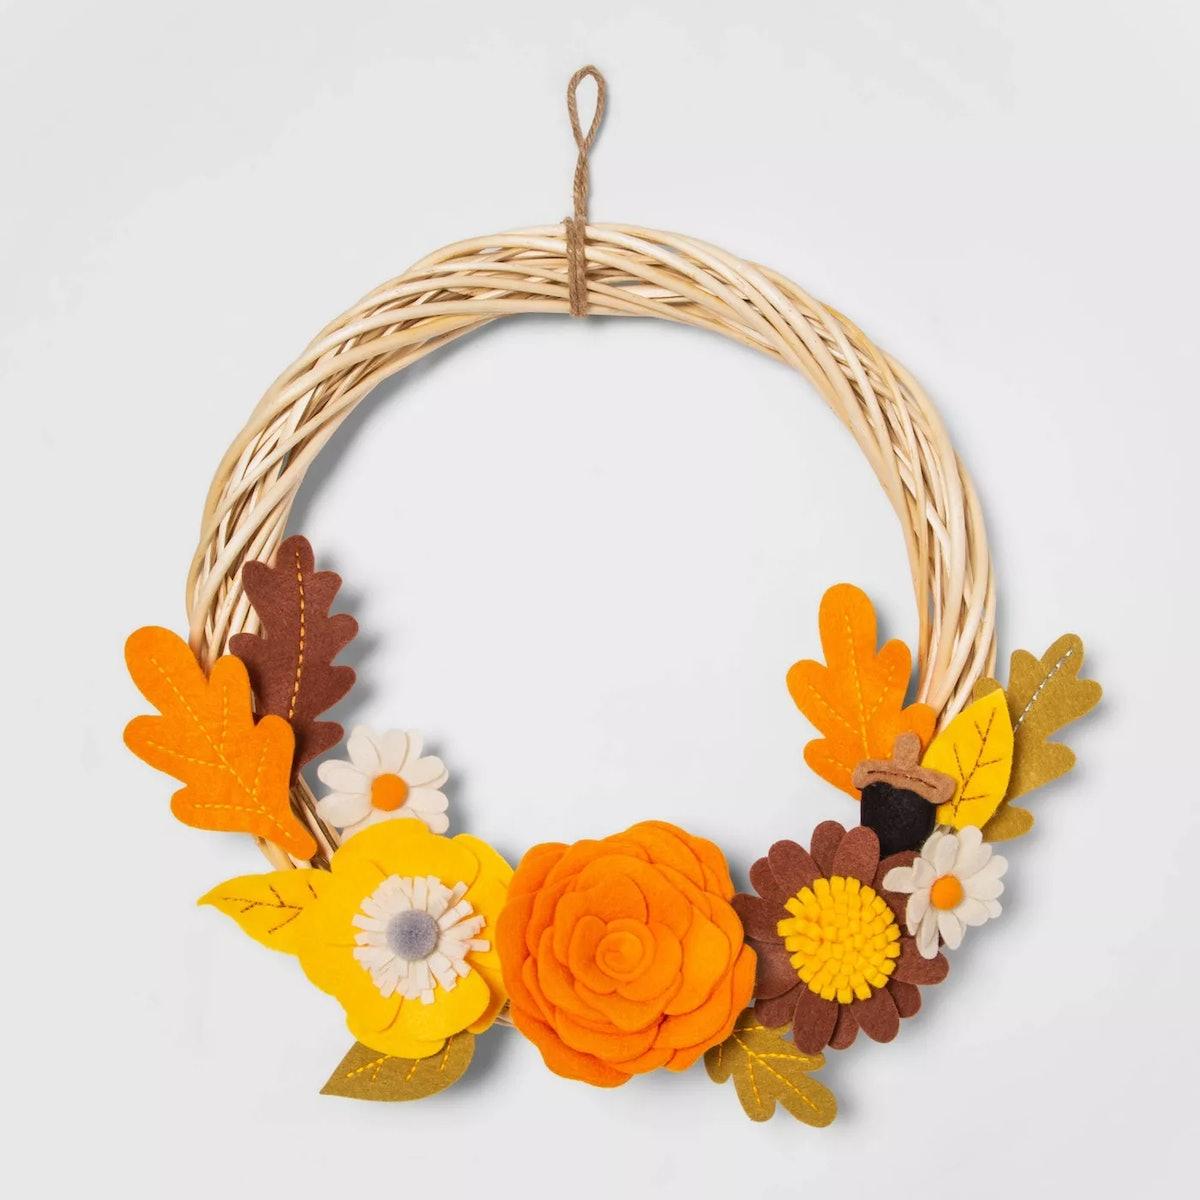 Harvest Indoor Fabric Wreath Hoop with Felt Flowers - Hyde & EEK! Boutique